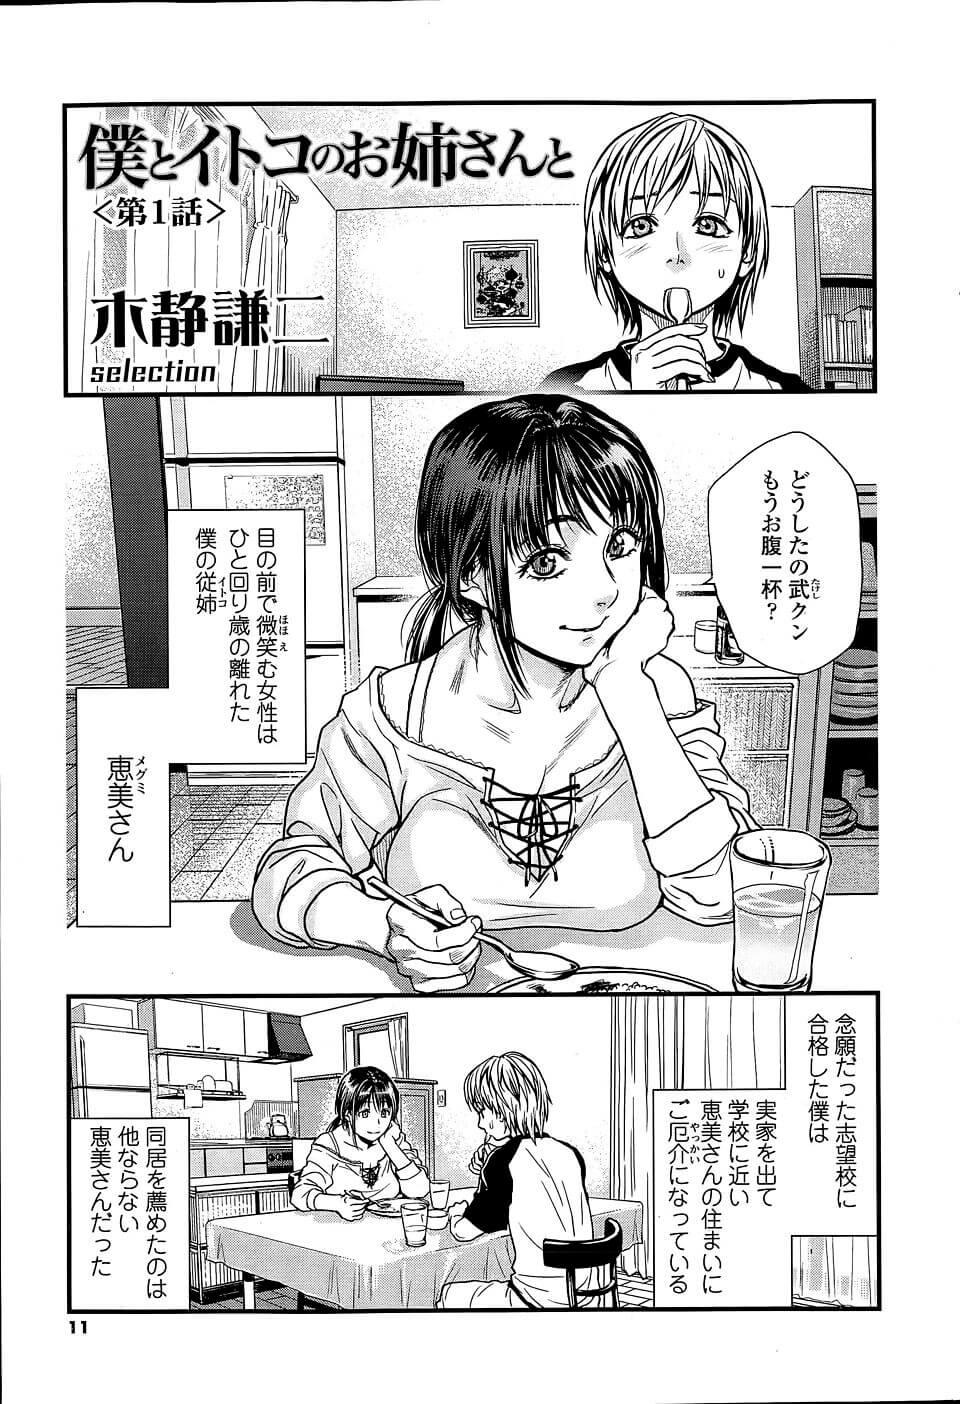 【エロ漫画】アイドルのコンサート帰りに寄ったおっぱいパブにそのアイドルが働いてるなんてwww【無料 エロ同人】